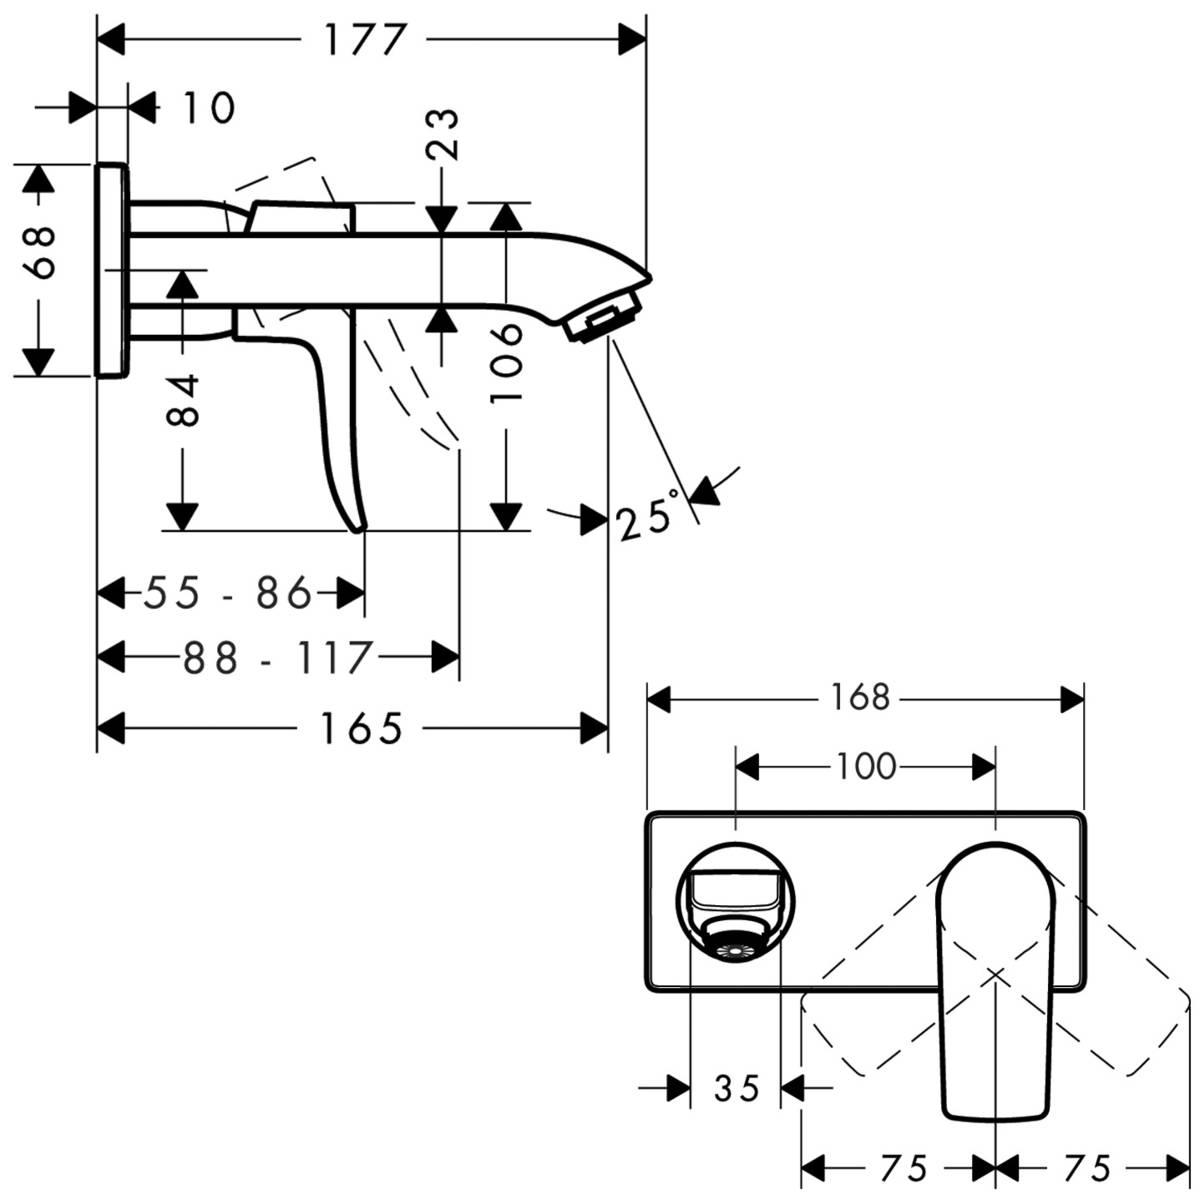 hansgrohe Metris Einhebel-Waschtischmischer LowFlow Unterputz  für Wandmontage inkl. Grundkörper